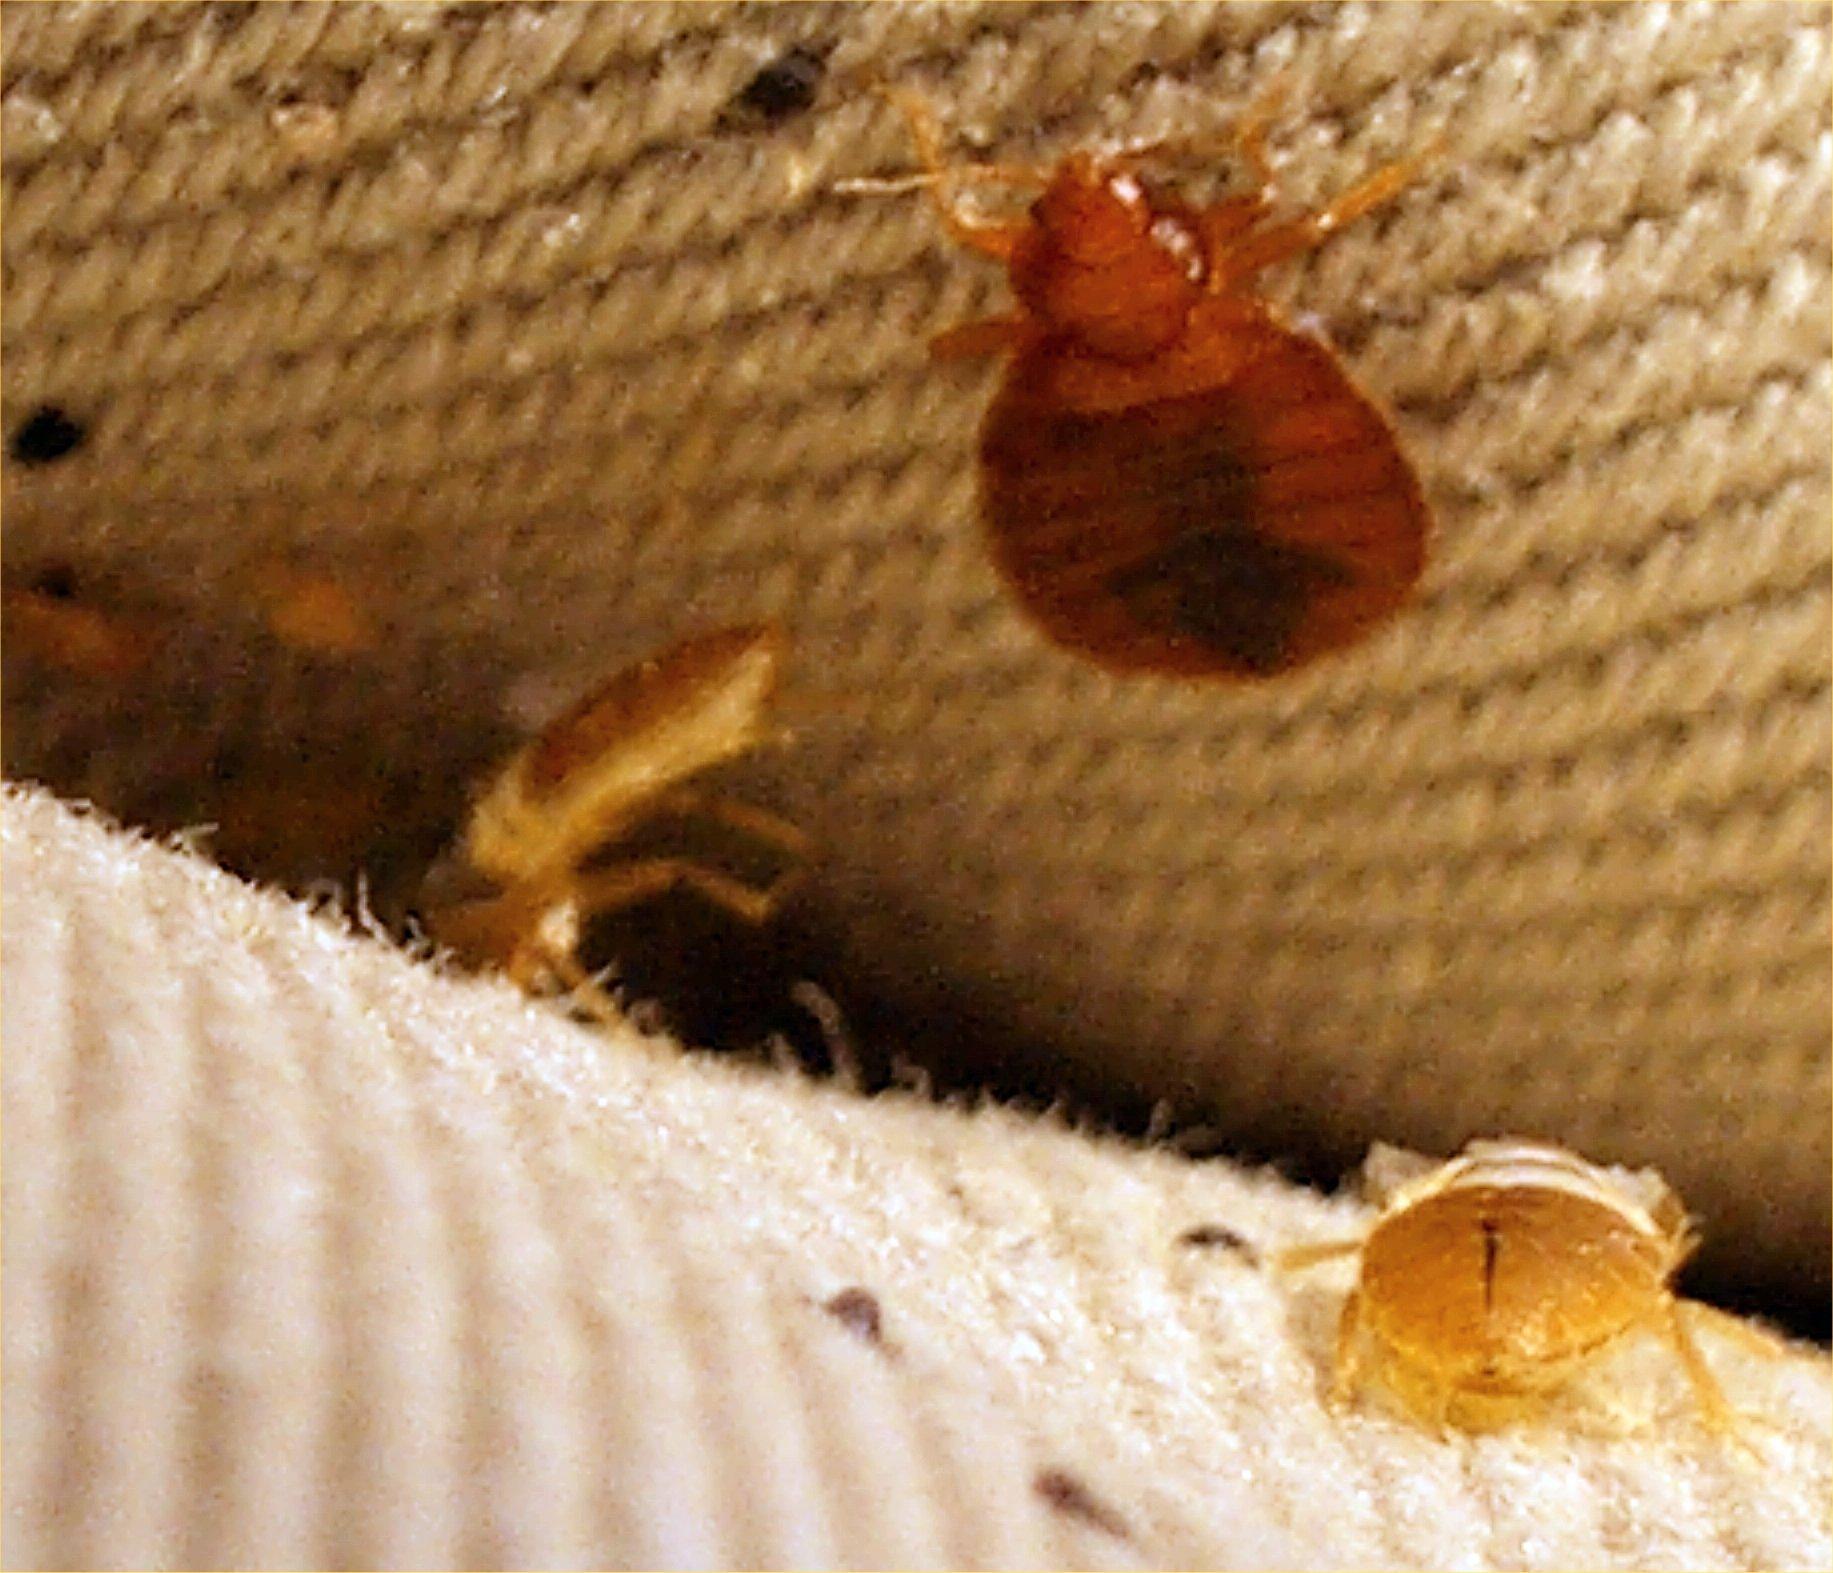 ❶ как выглядят бельевые клопы и как избавиться от них в домашних условиях